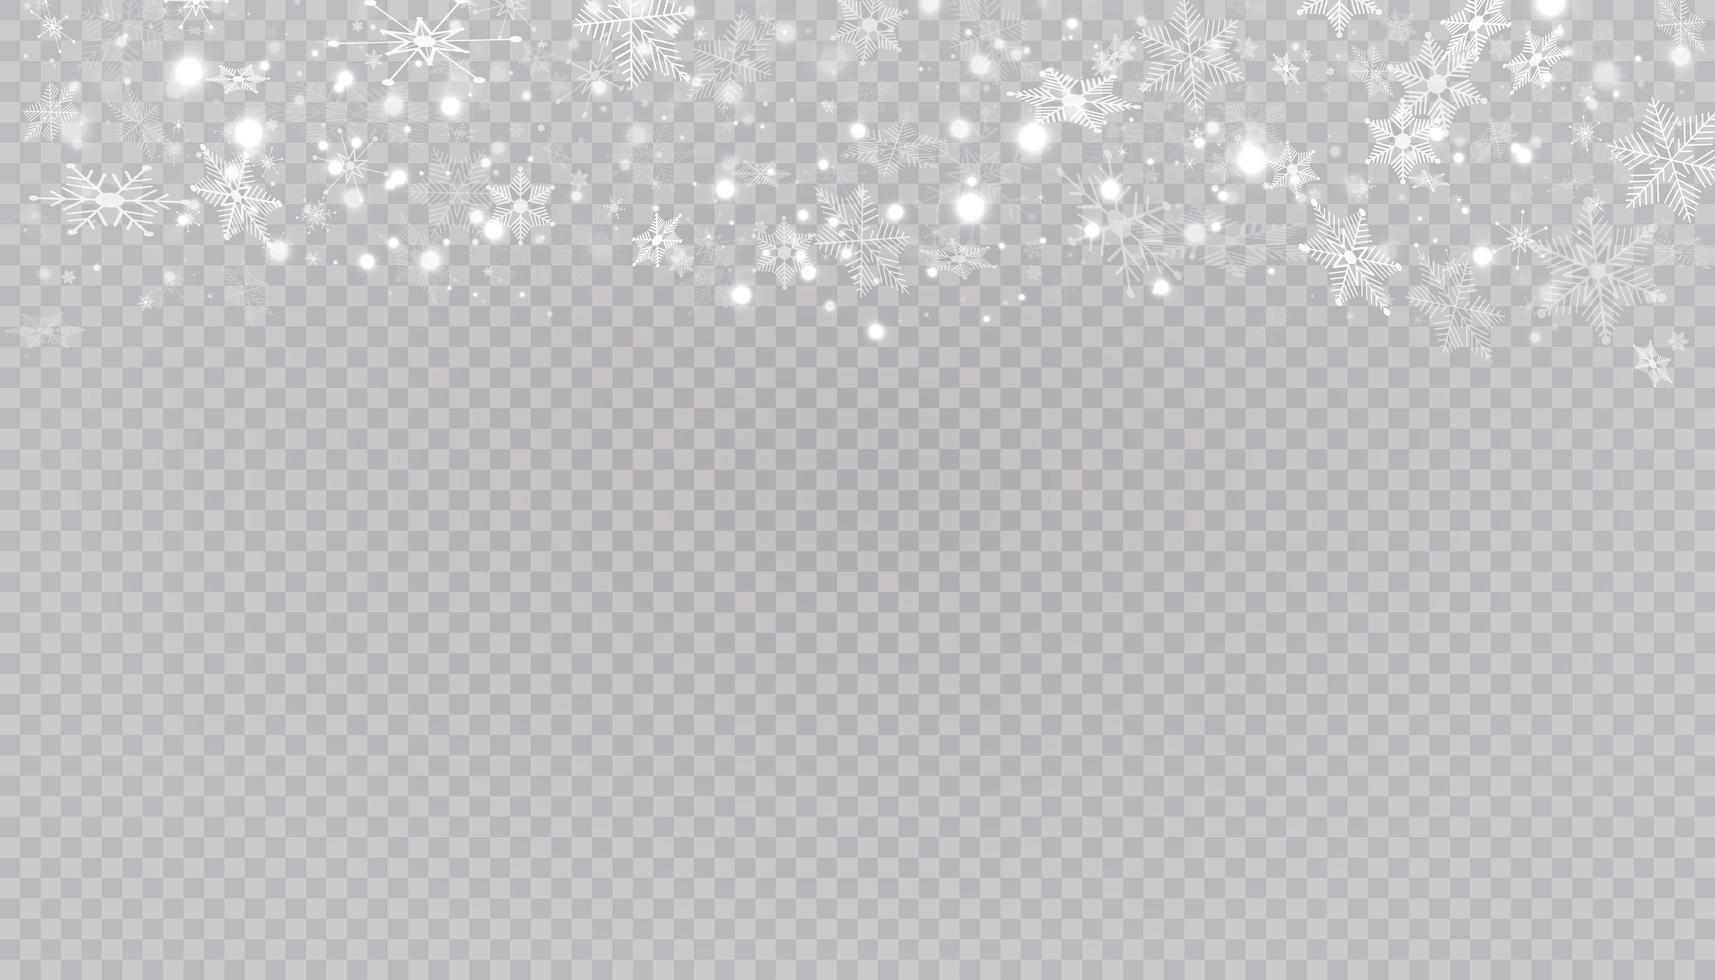 witte sneeuwvlokken op achtergrond. vector